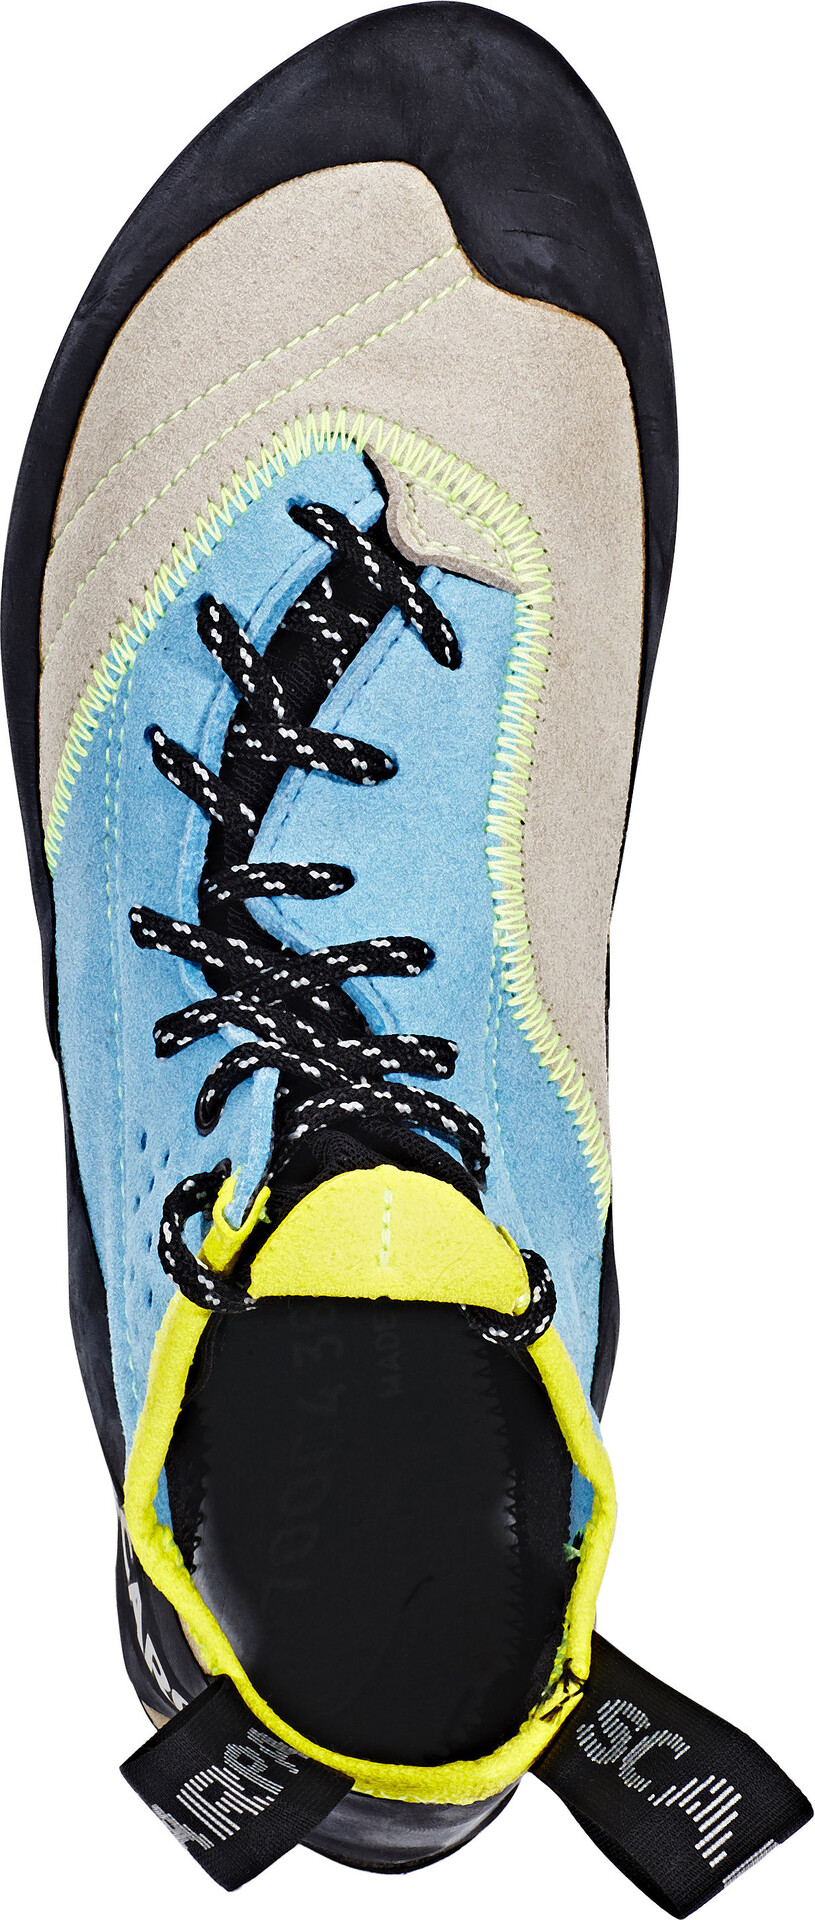 Scarpa Velocity L WMN Scarpe da arrampicata Donna, light gray/truquoise su Addnature 5fvIl